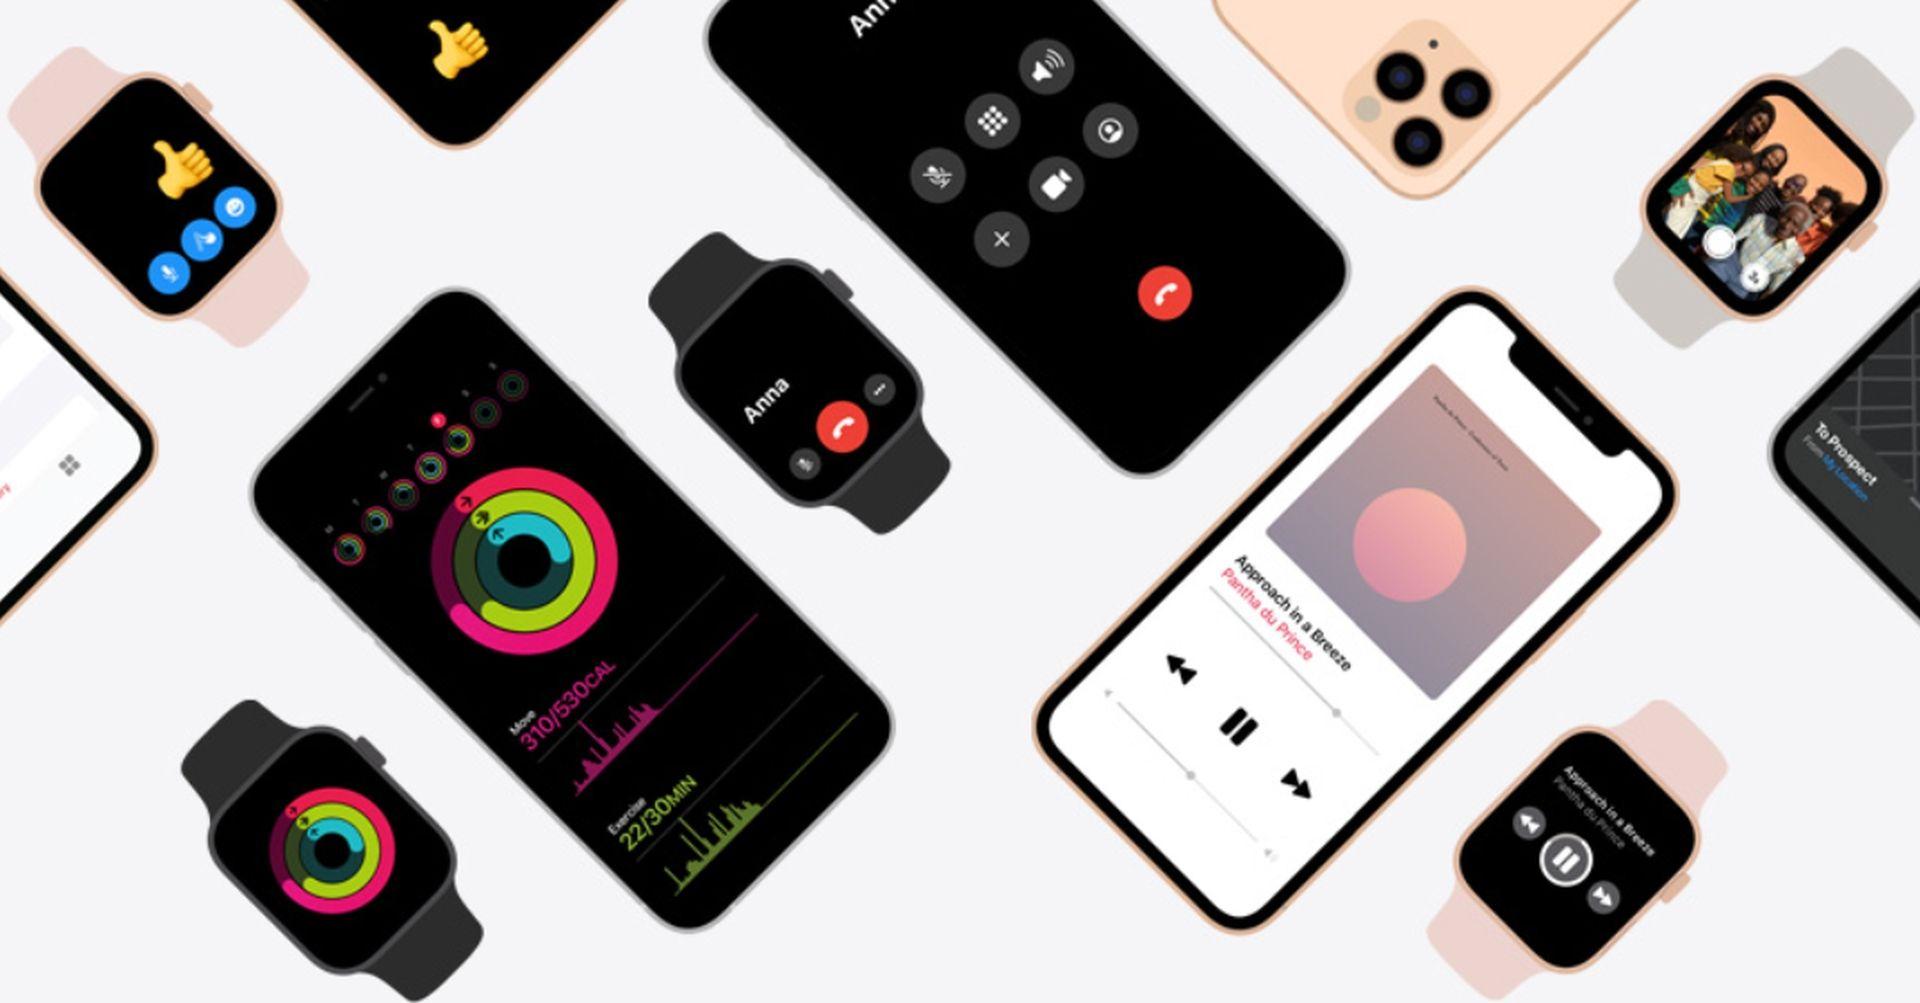 Strona prezentująca możliwości iPhone'a połączonego z Apple Watchem